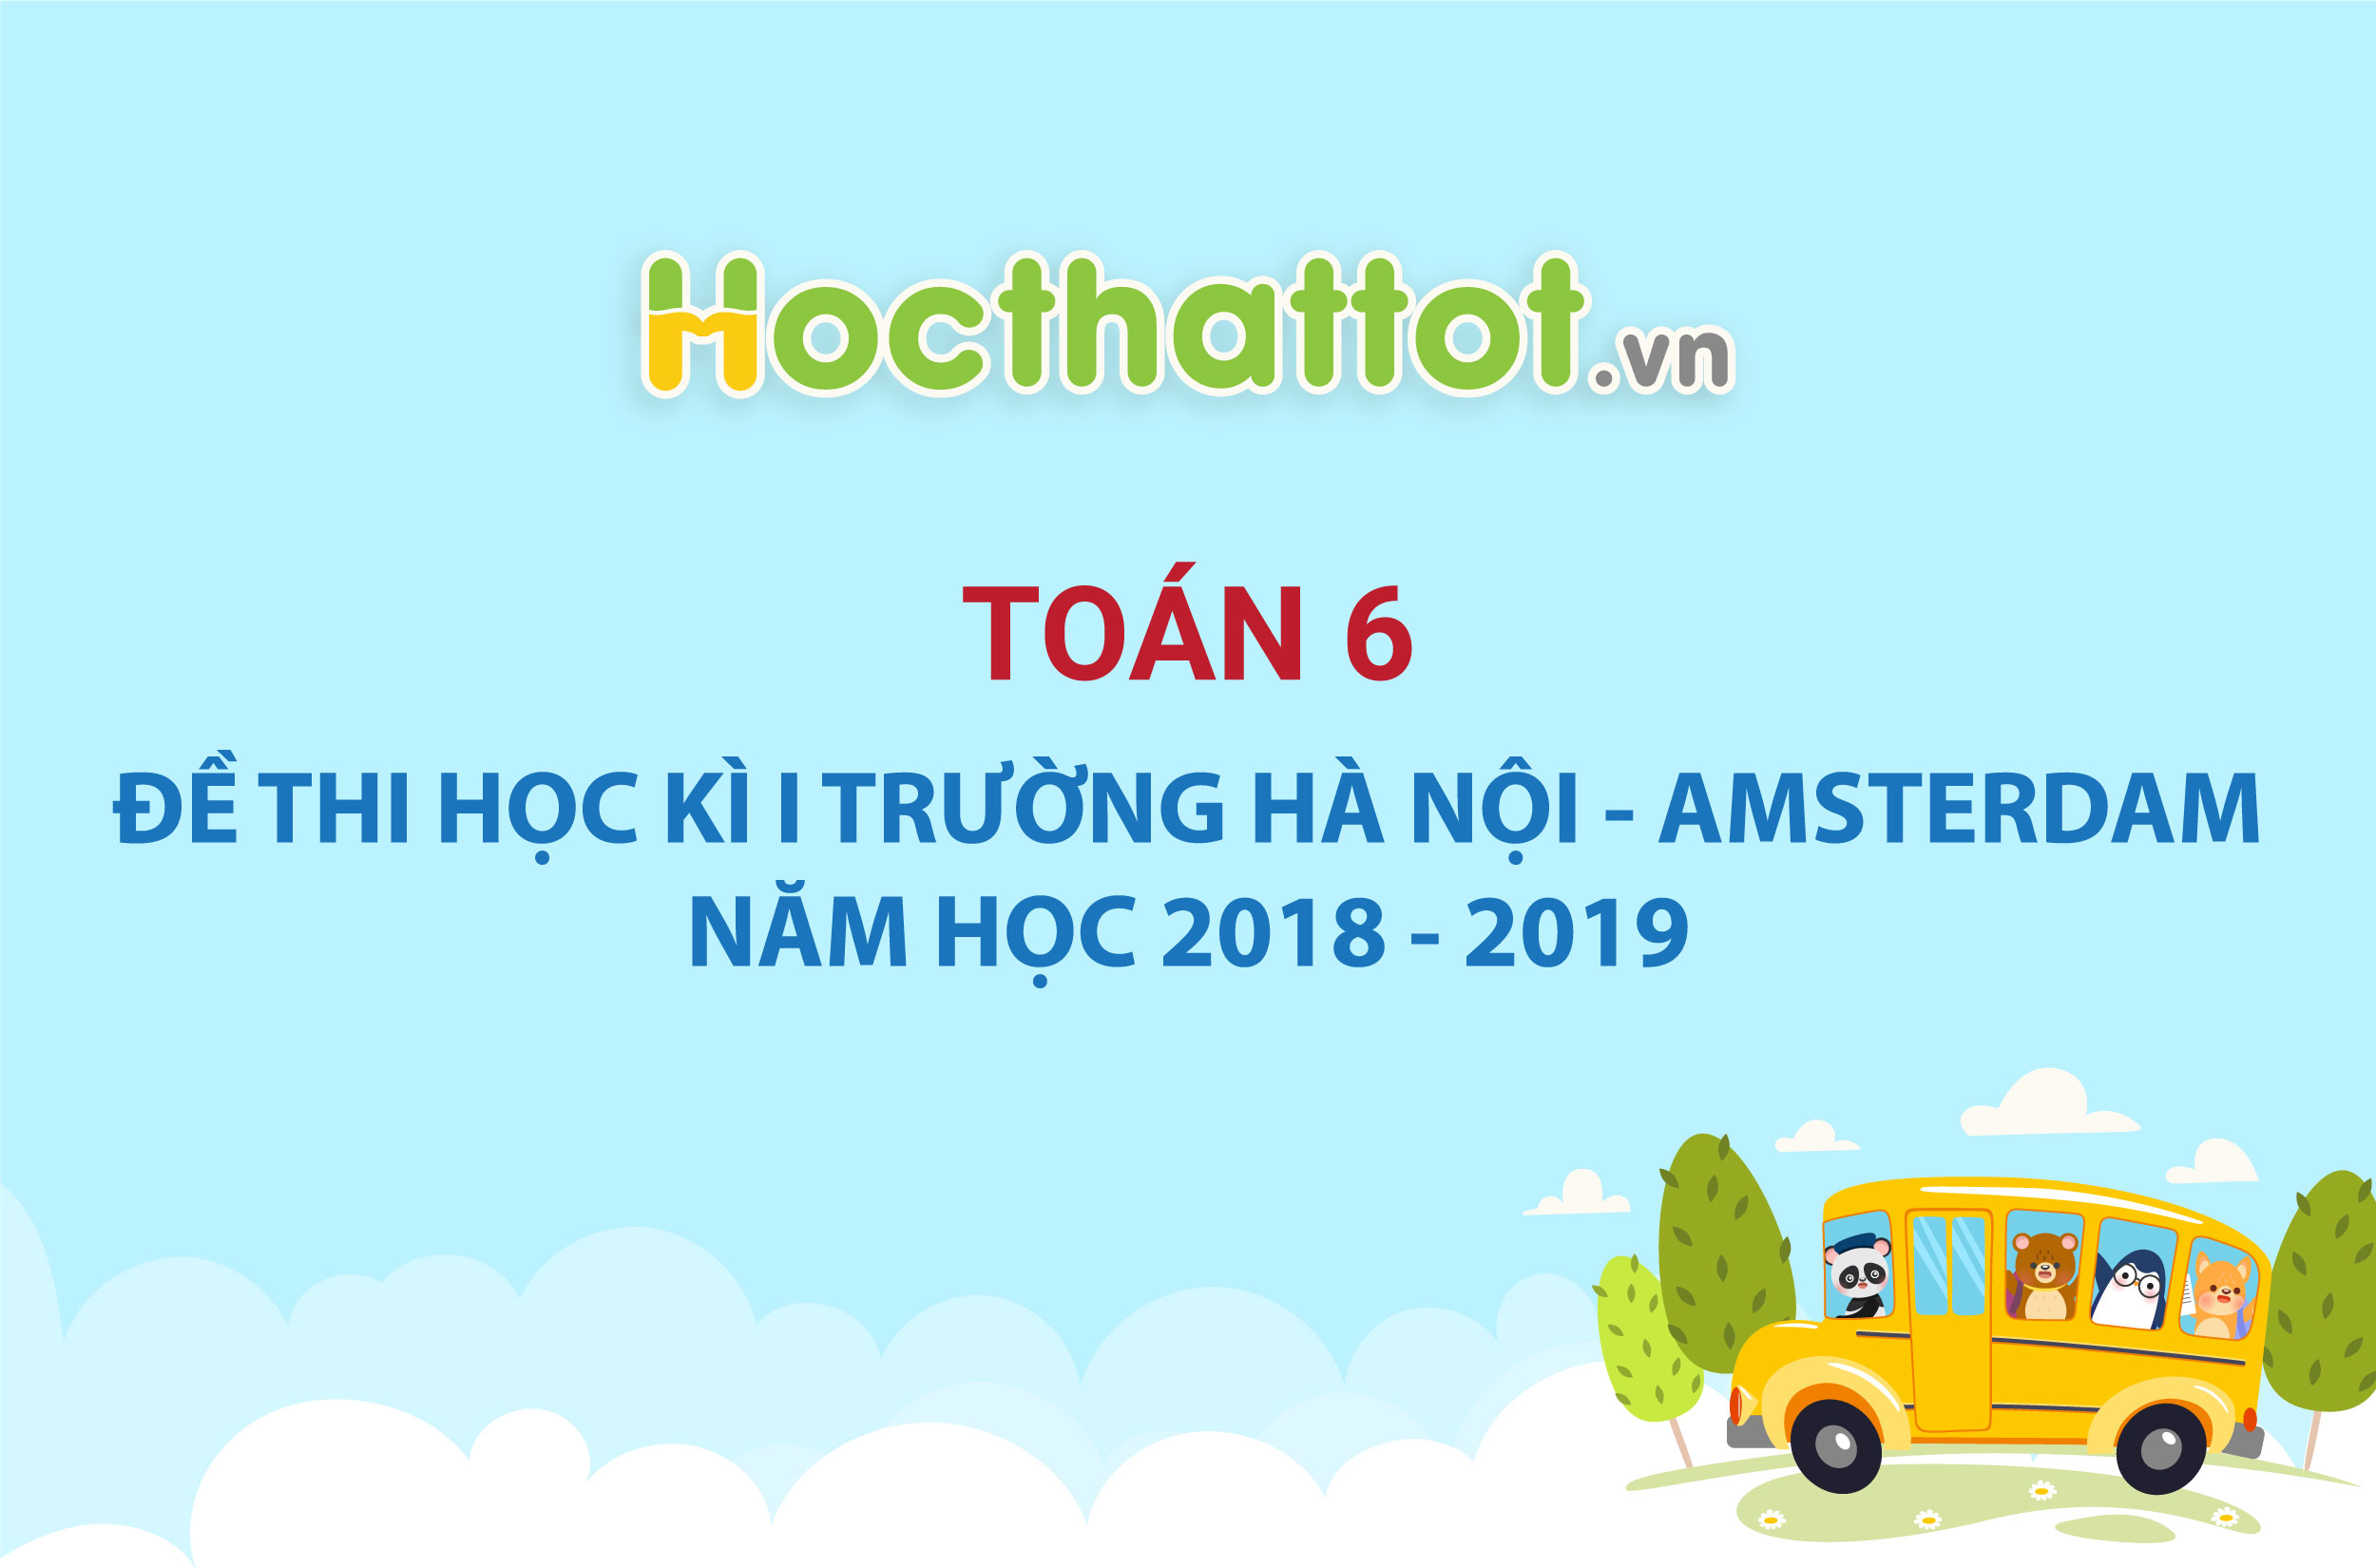 ams-hk1-6-2019